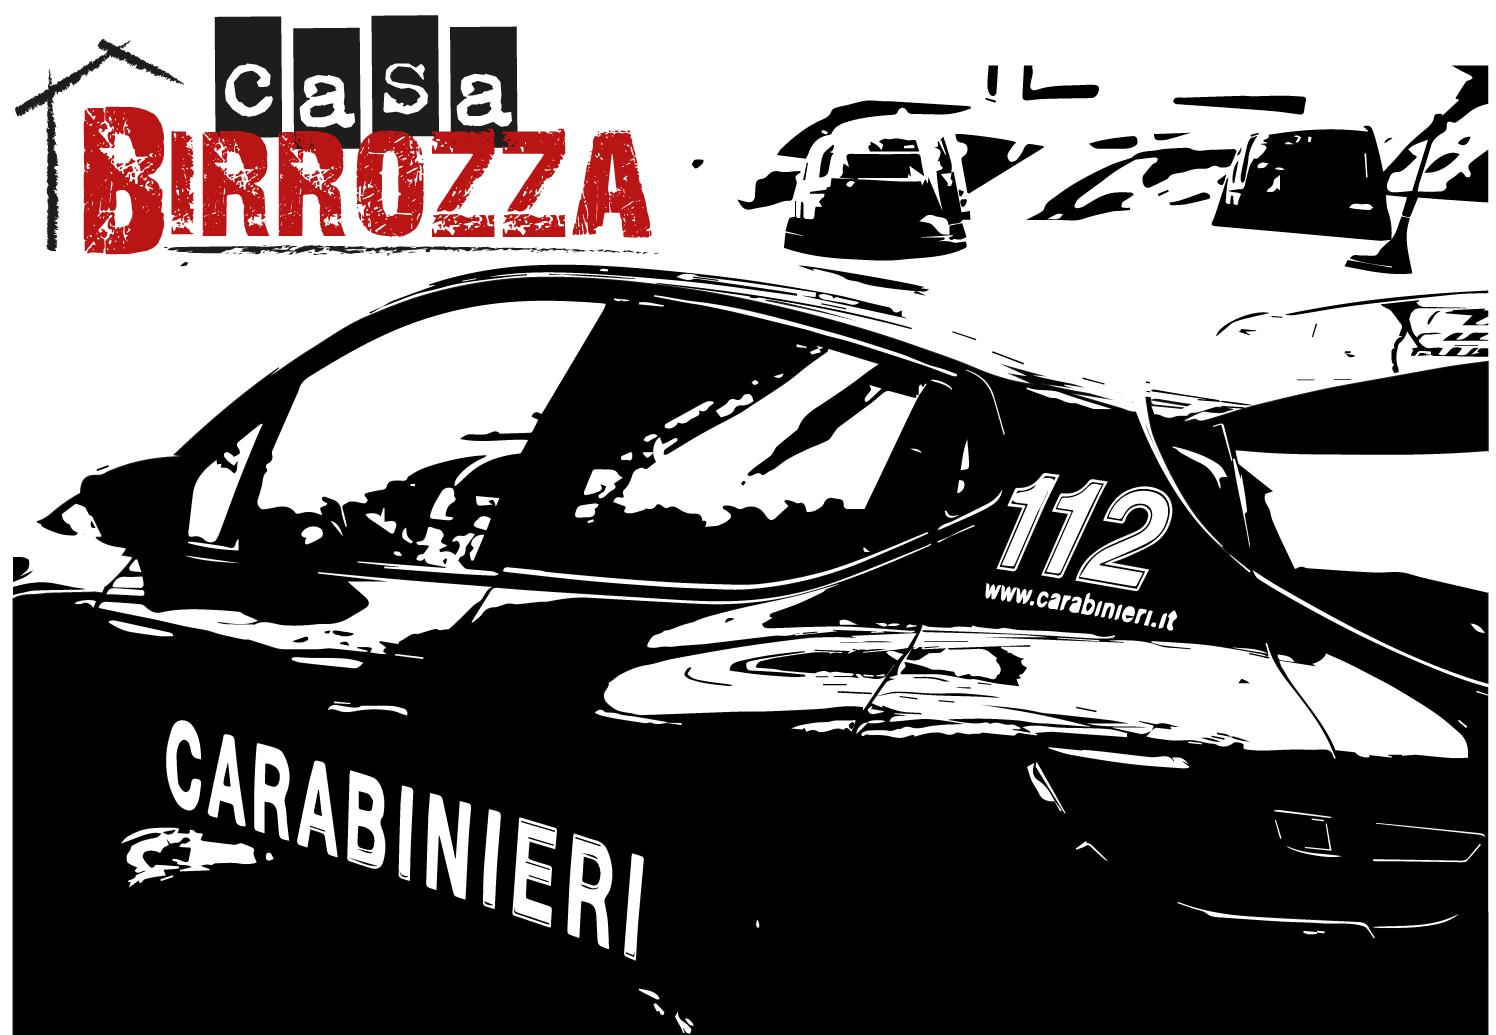 casa-birrozza-carabinieri